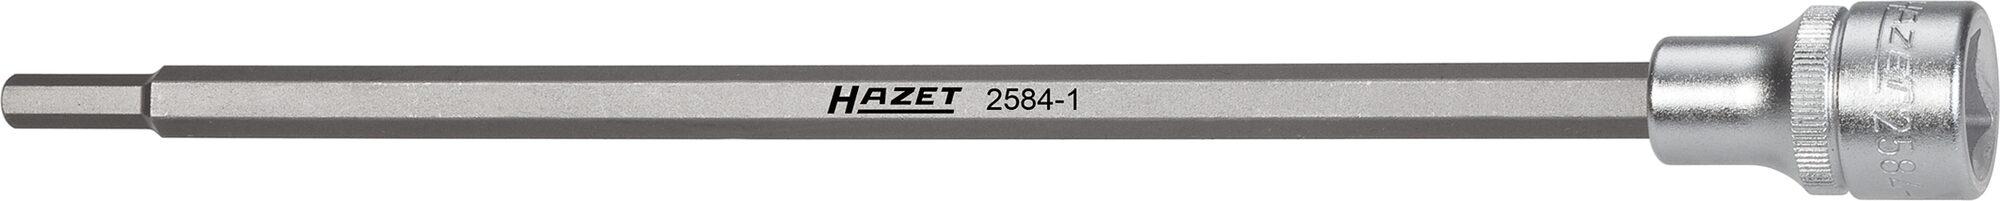 HAZET Saugrohr Schraubendreher-Steckschlüsseleinsatz 2584-1 ∙ Vierkant hohl 12,5 mm (1/2 Zoll) ∙ Innen-Sechskant Profil ∙ 6 mm